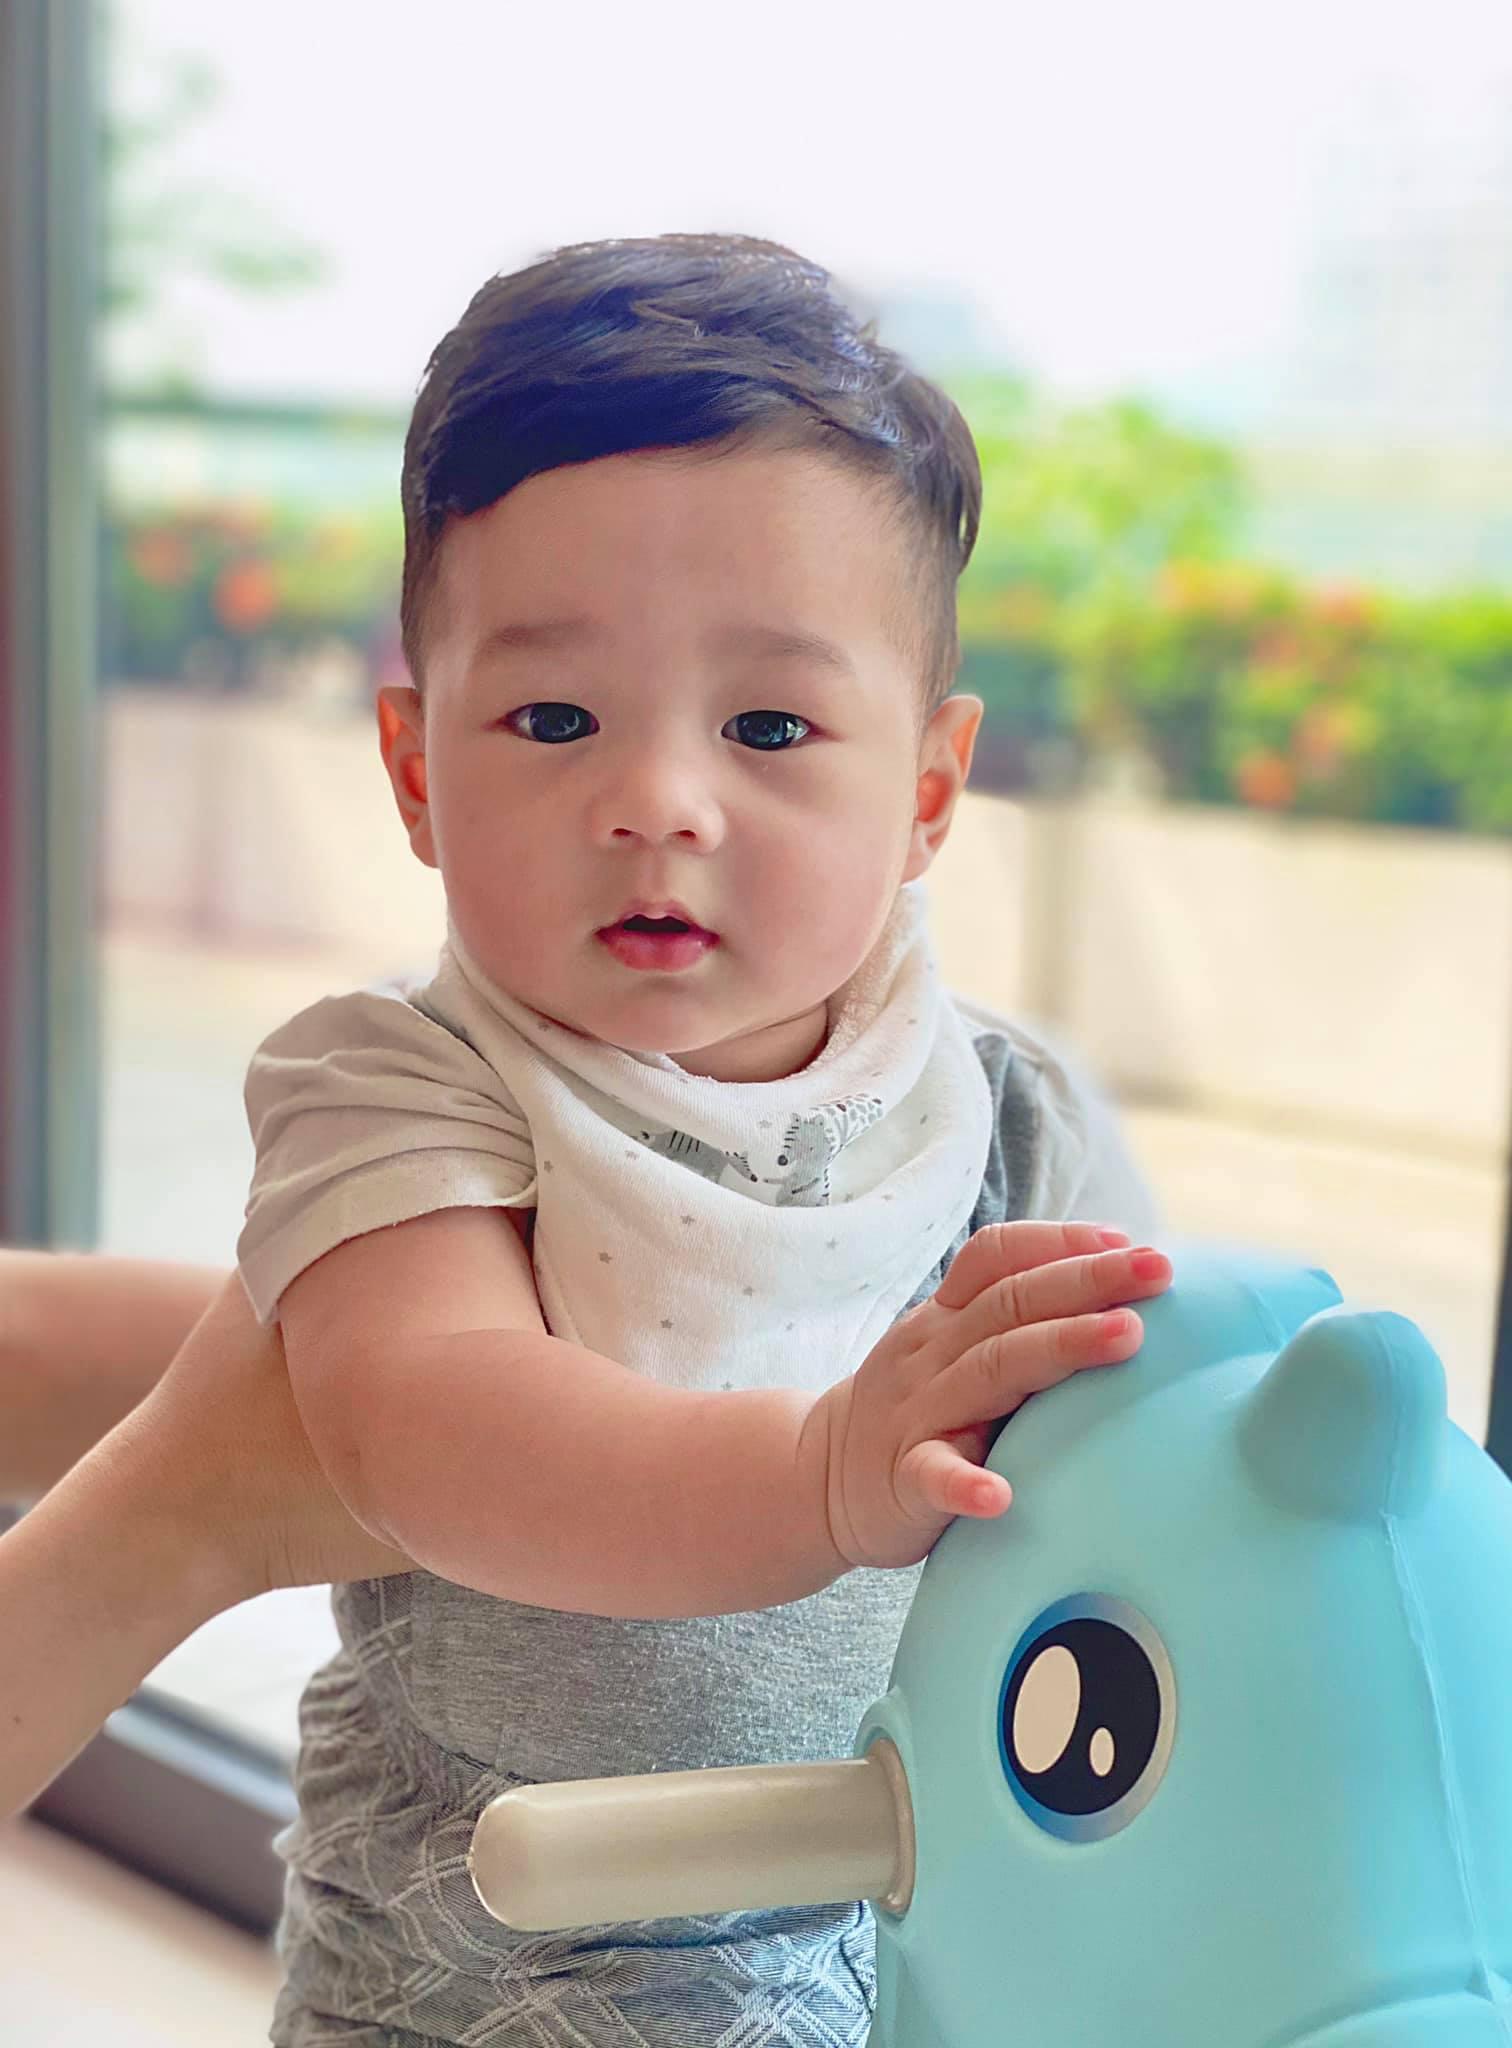 Hiếm lắm mẹ chồng đại gia của Hoa hậu Đặng Thu Thảo mới lộ diện, bà chủ hào môn tài sản nghìn tỷ trông thật gần gũi - Ảnh 6.